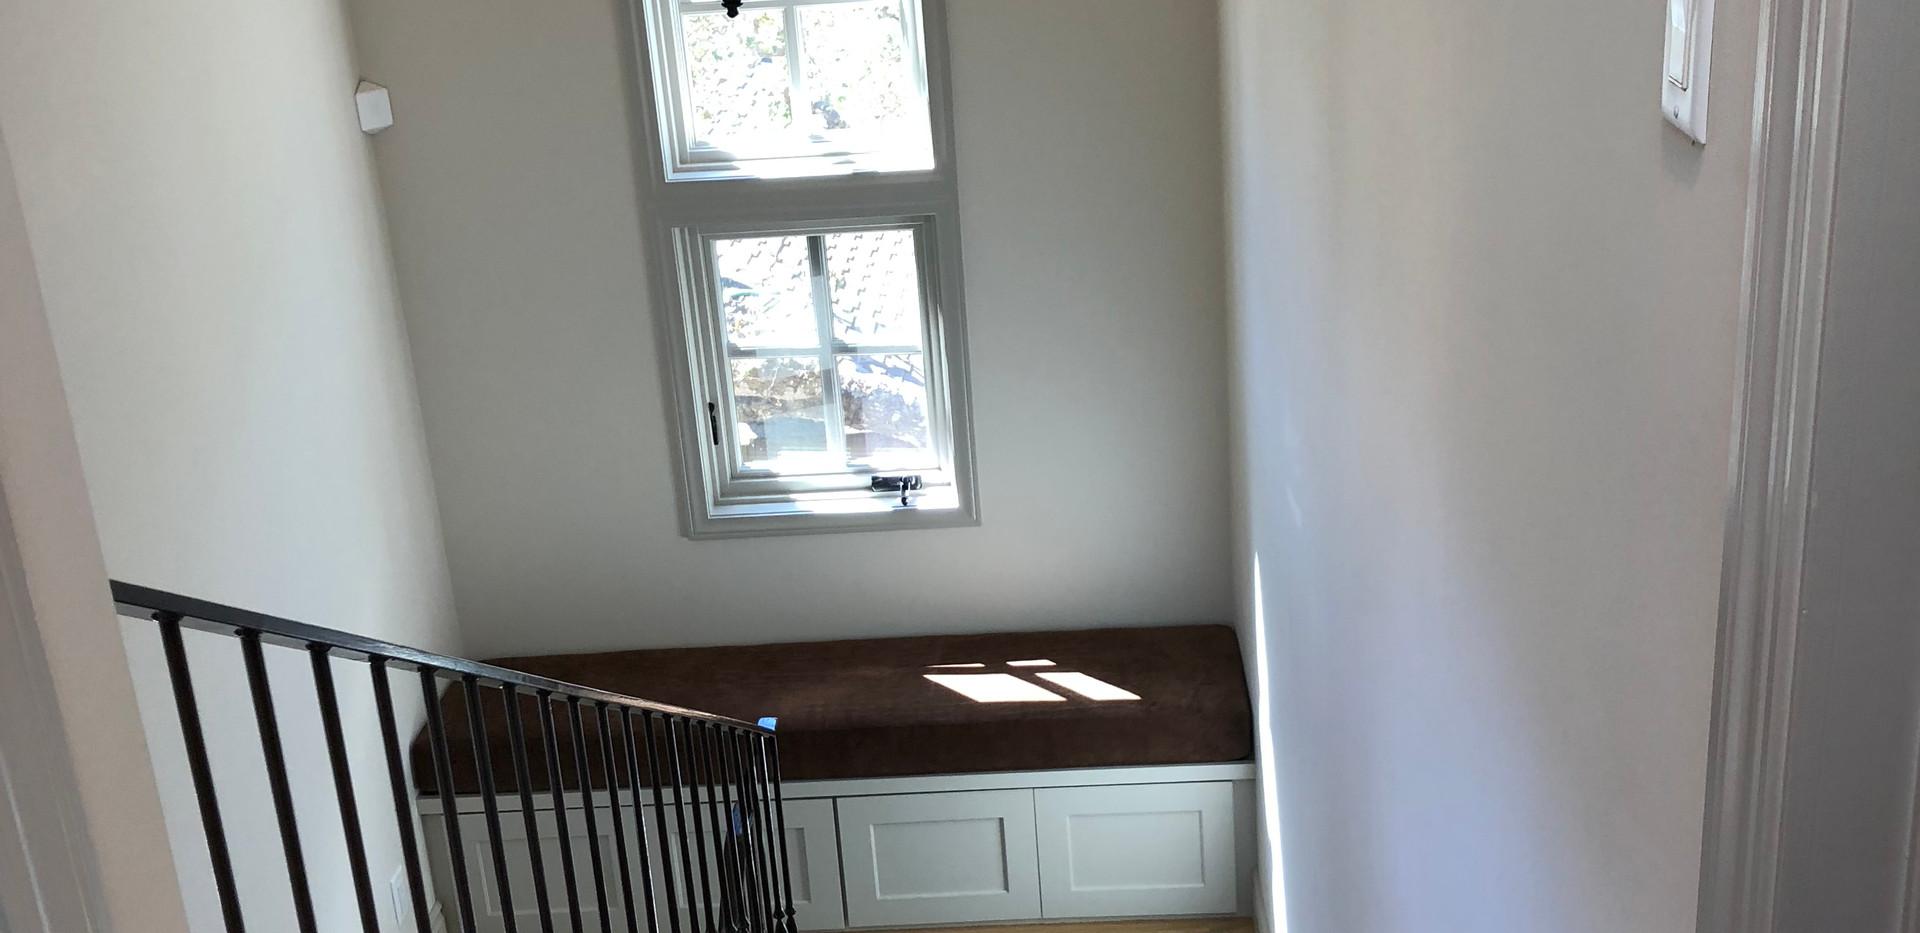 stairway hallway after.jpeg